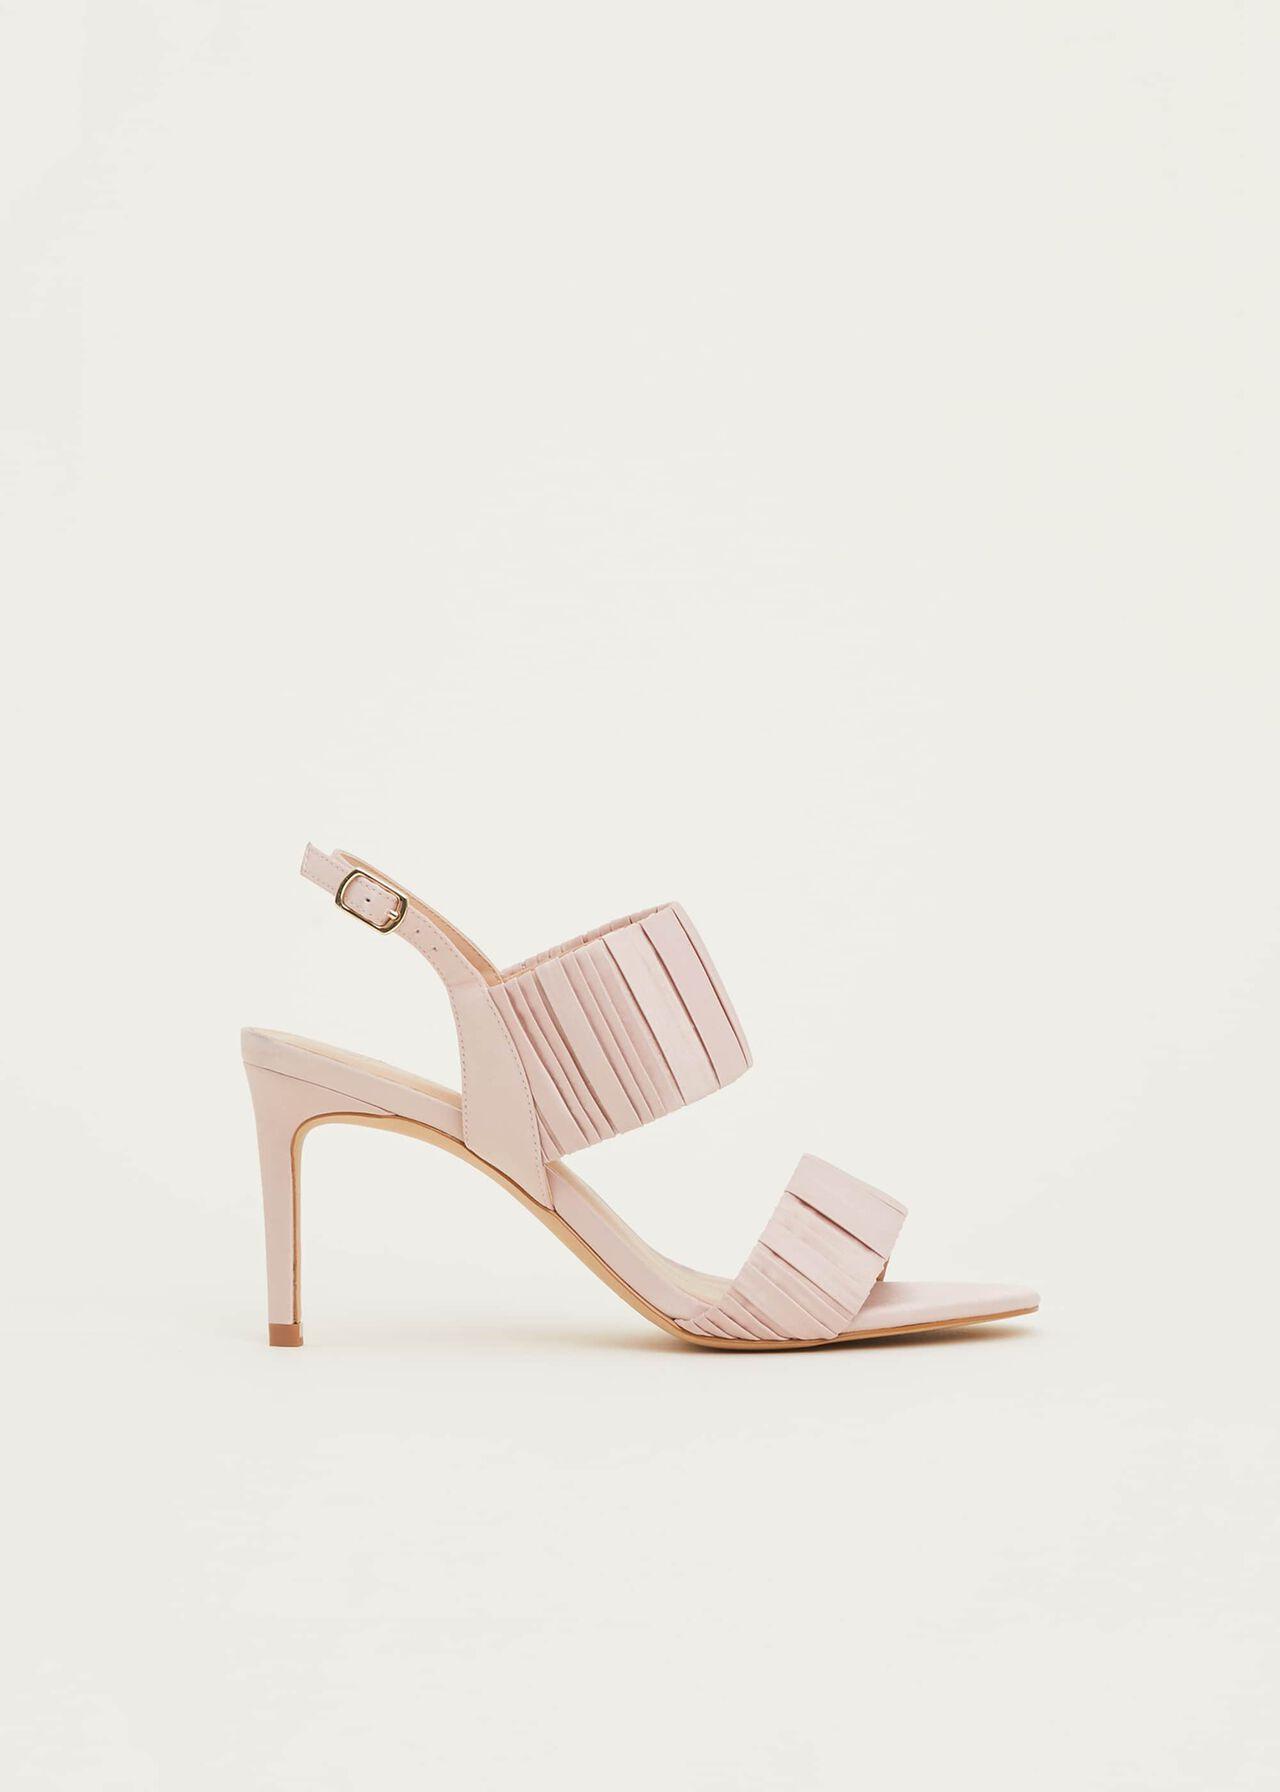 Kitty Pleated Sandal